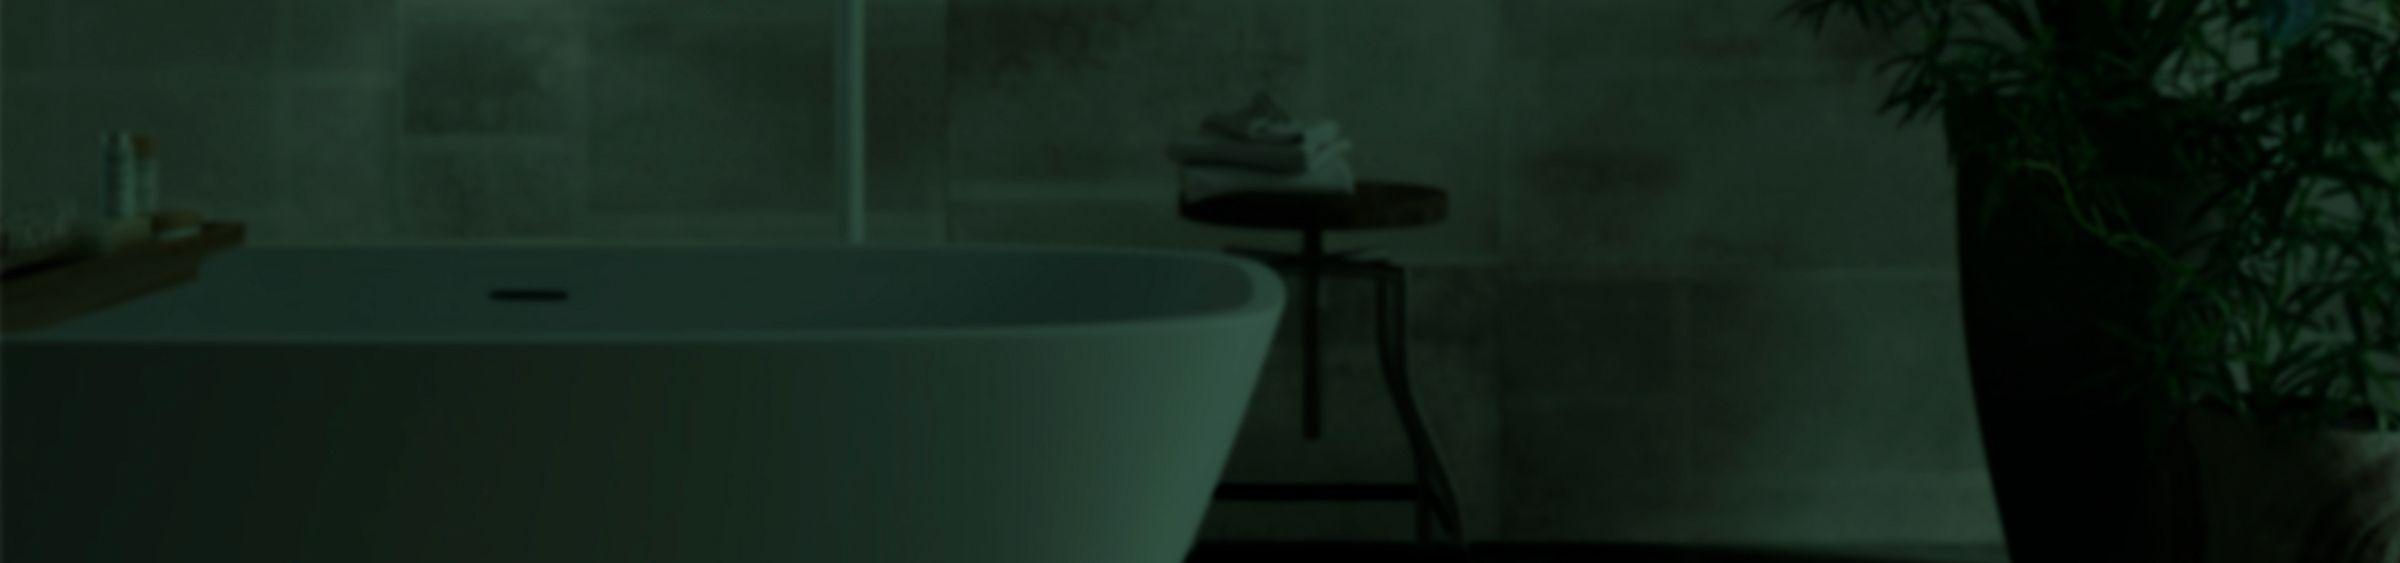 Toilet - Banner - Welke trend stijlen passen bij u?